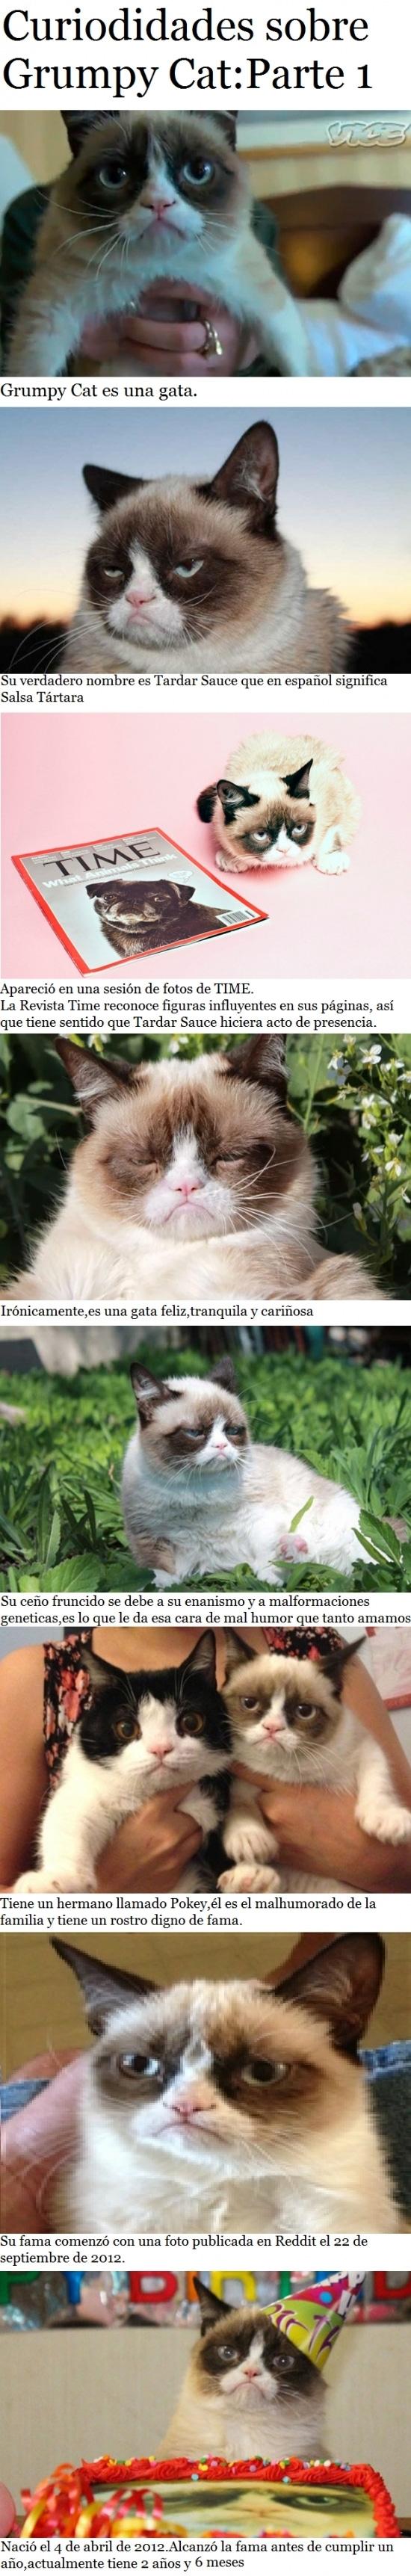 Grumpy_cat - Si te gusta el meme de Grumpy Cat, debes saber estas cosas